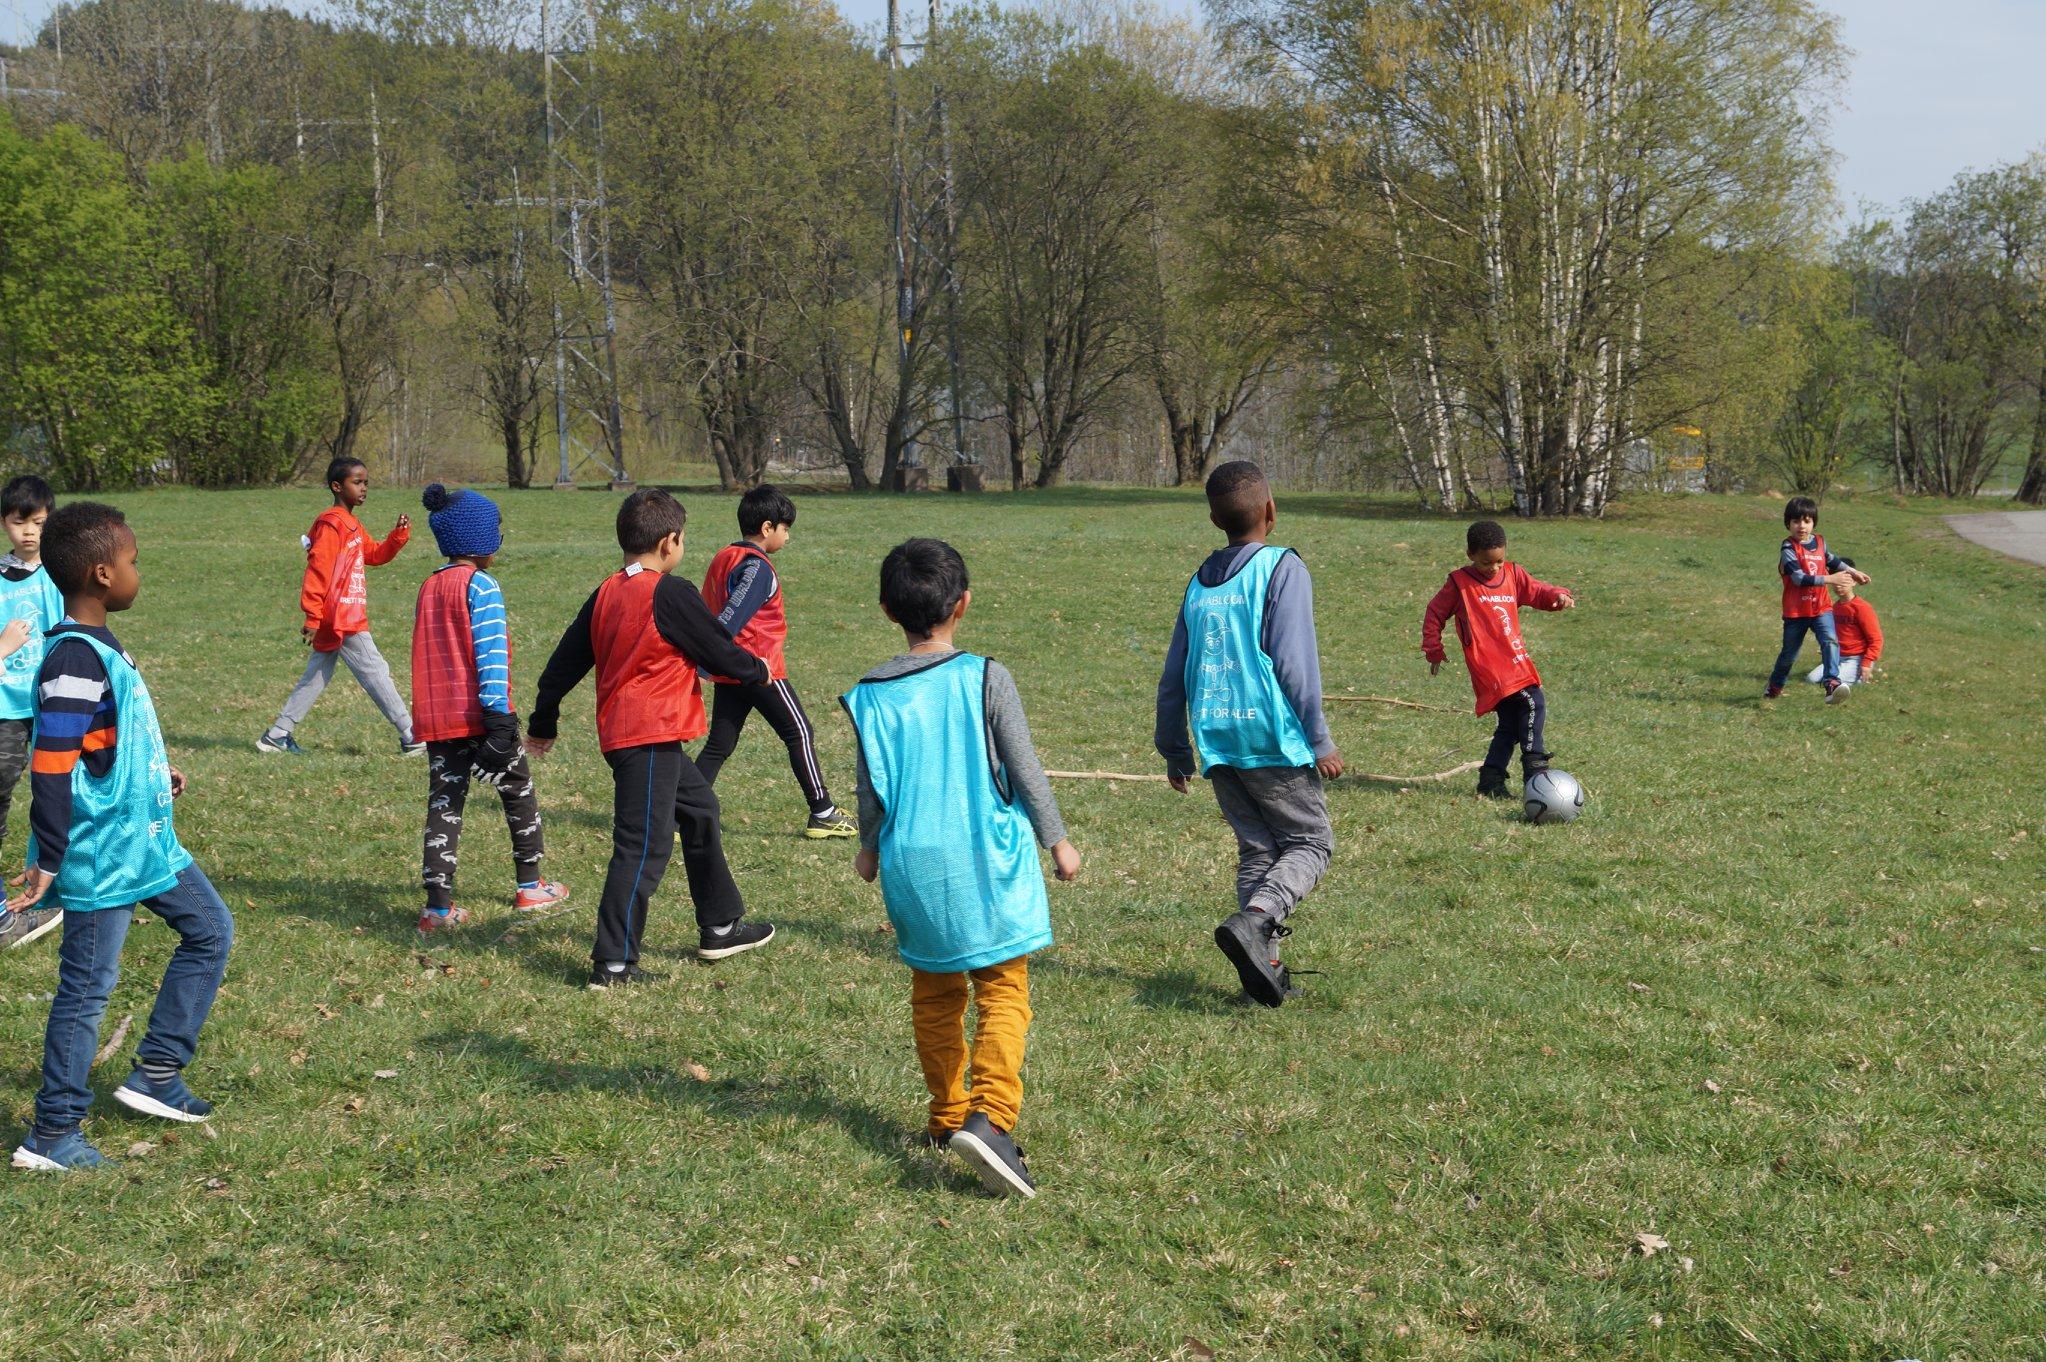 Alle barn skal ha rett til å delta i idrett, uansett funksjonsnivå.